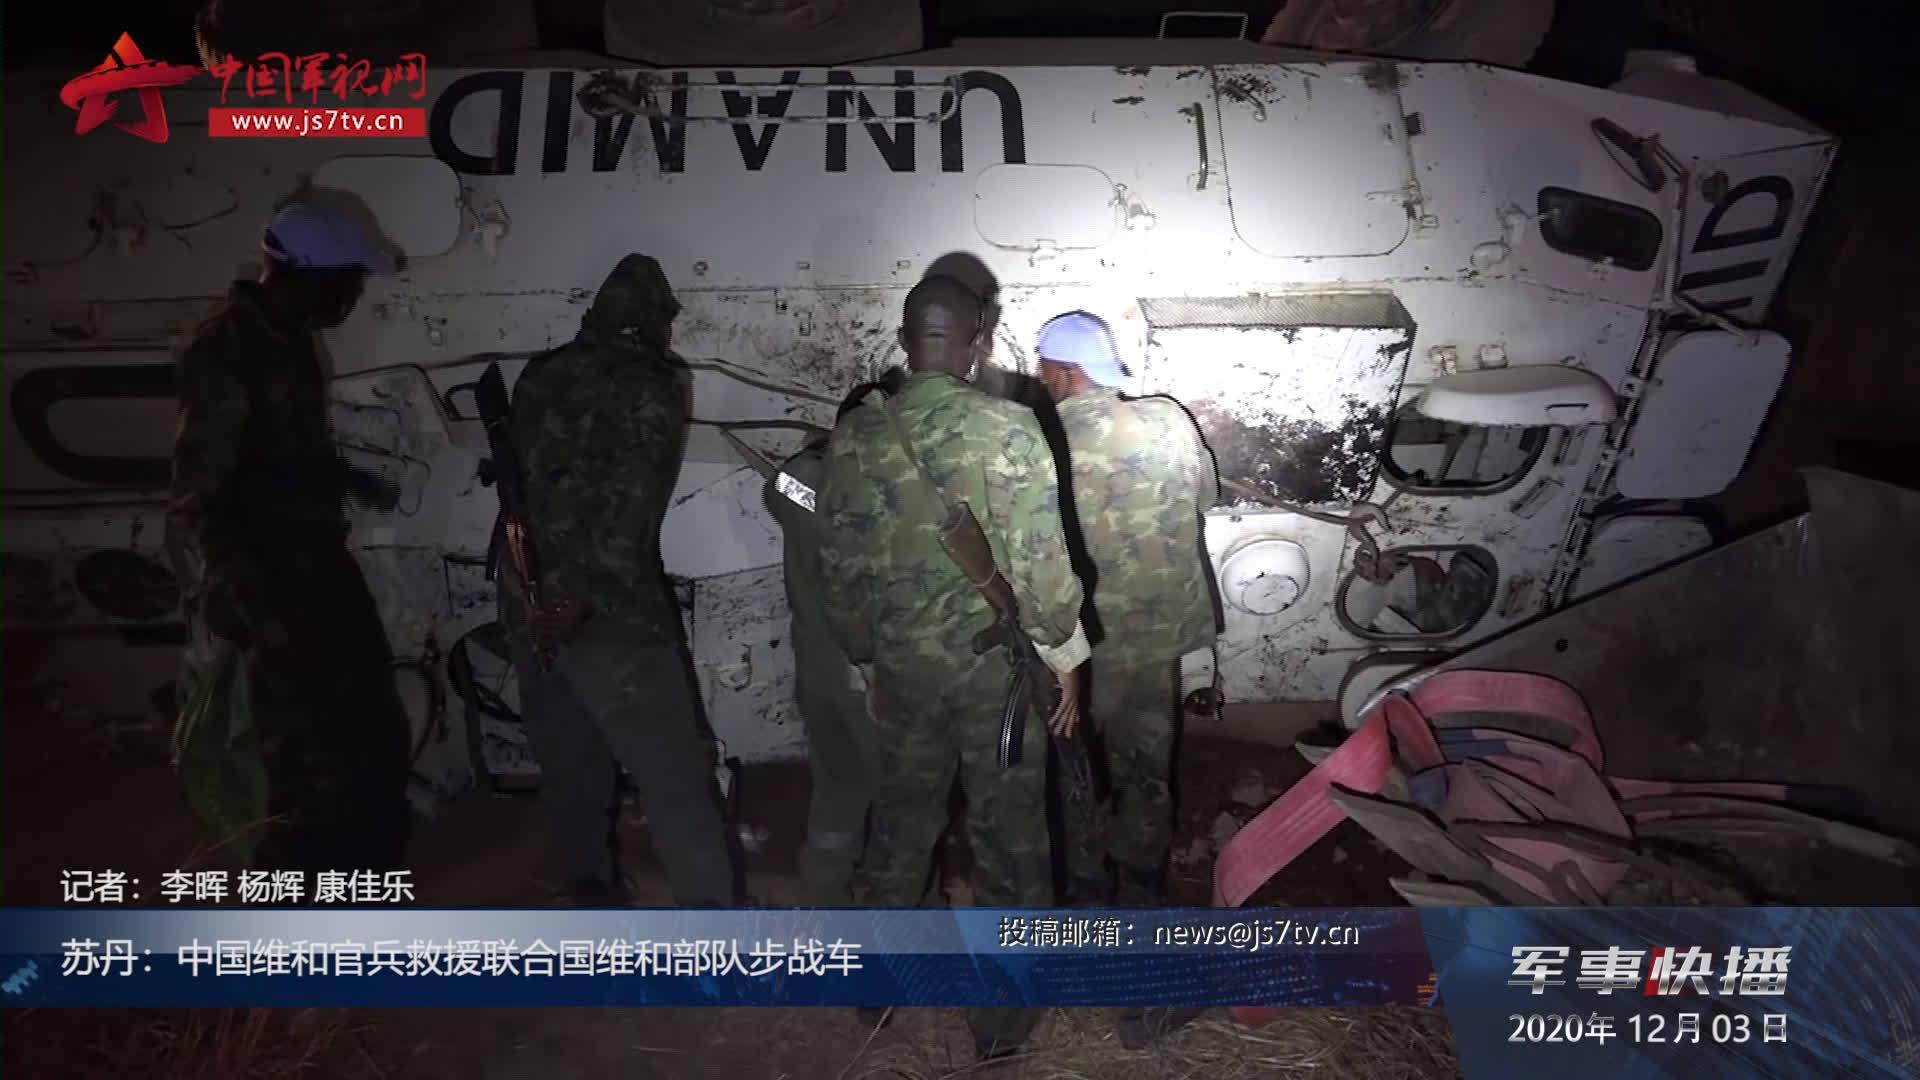 大国形象!中国第16批赴苏丹维和部队官兵救援联合国维和部队步战……